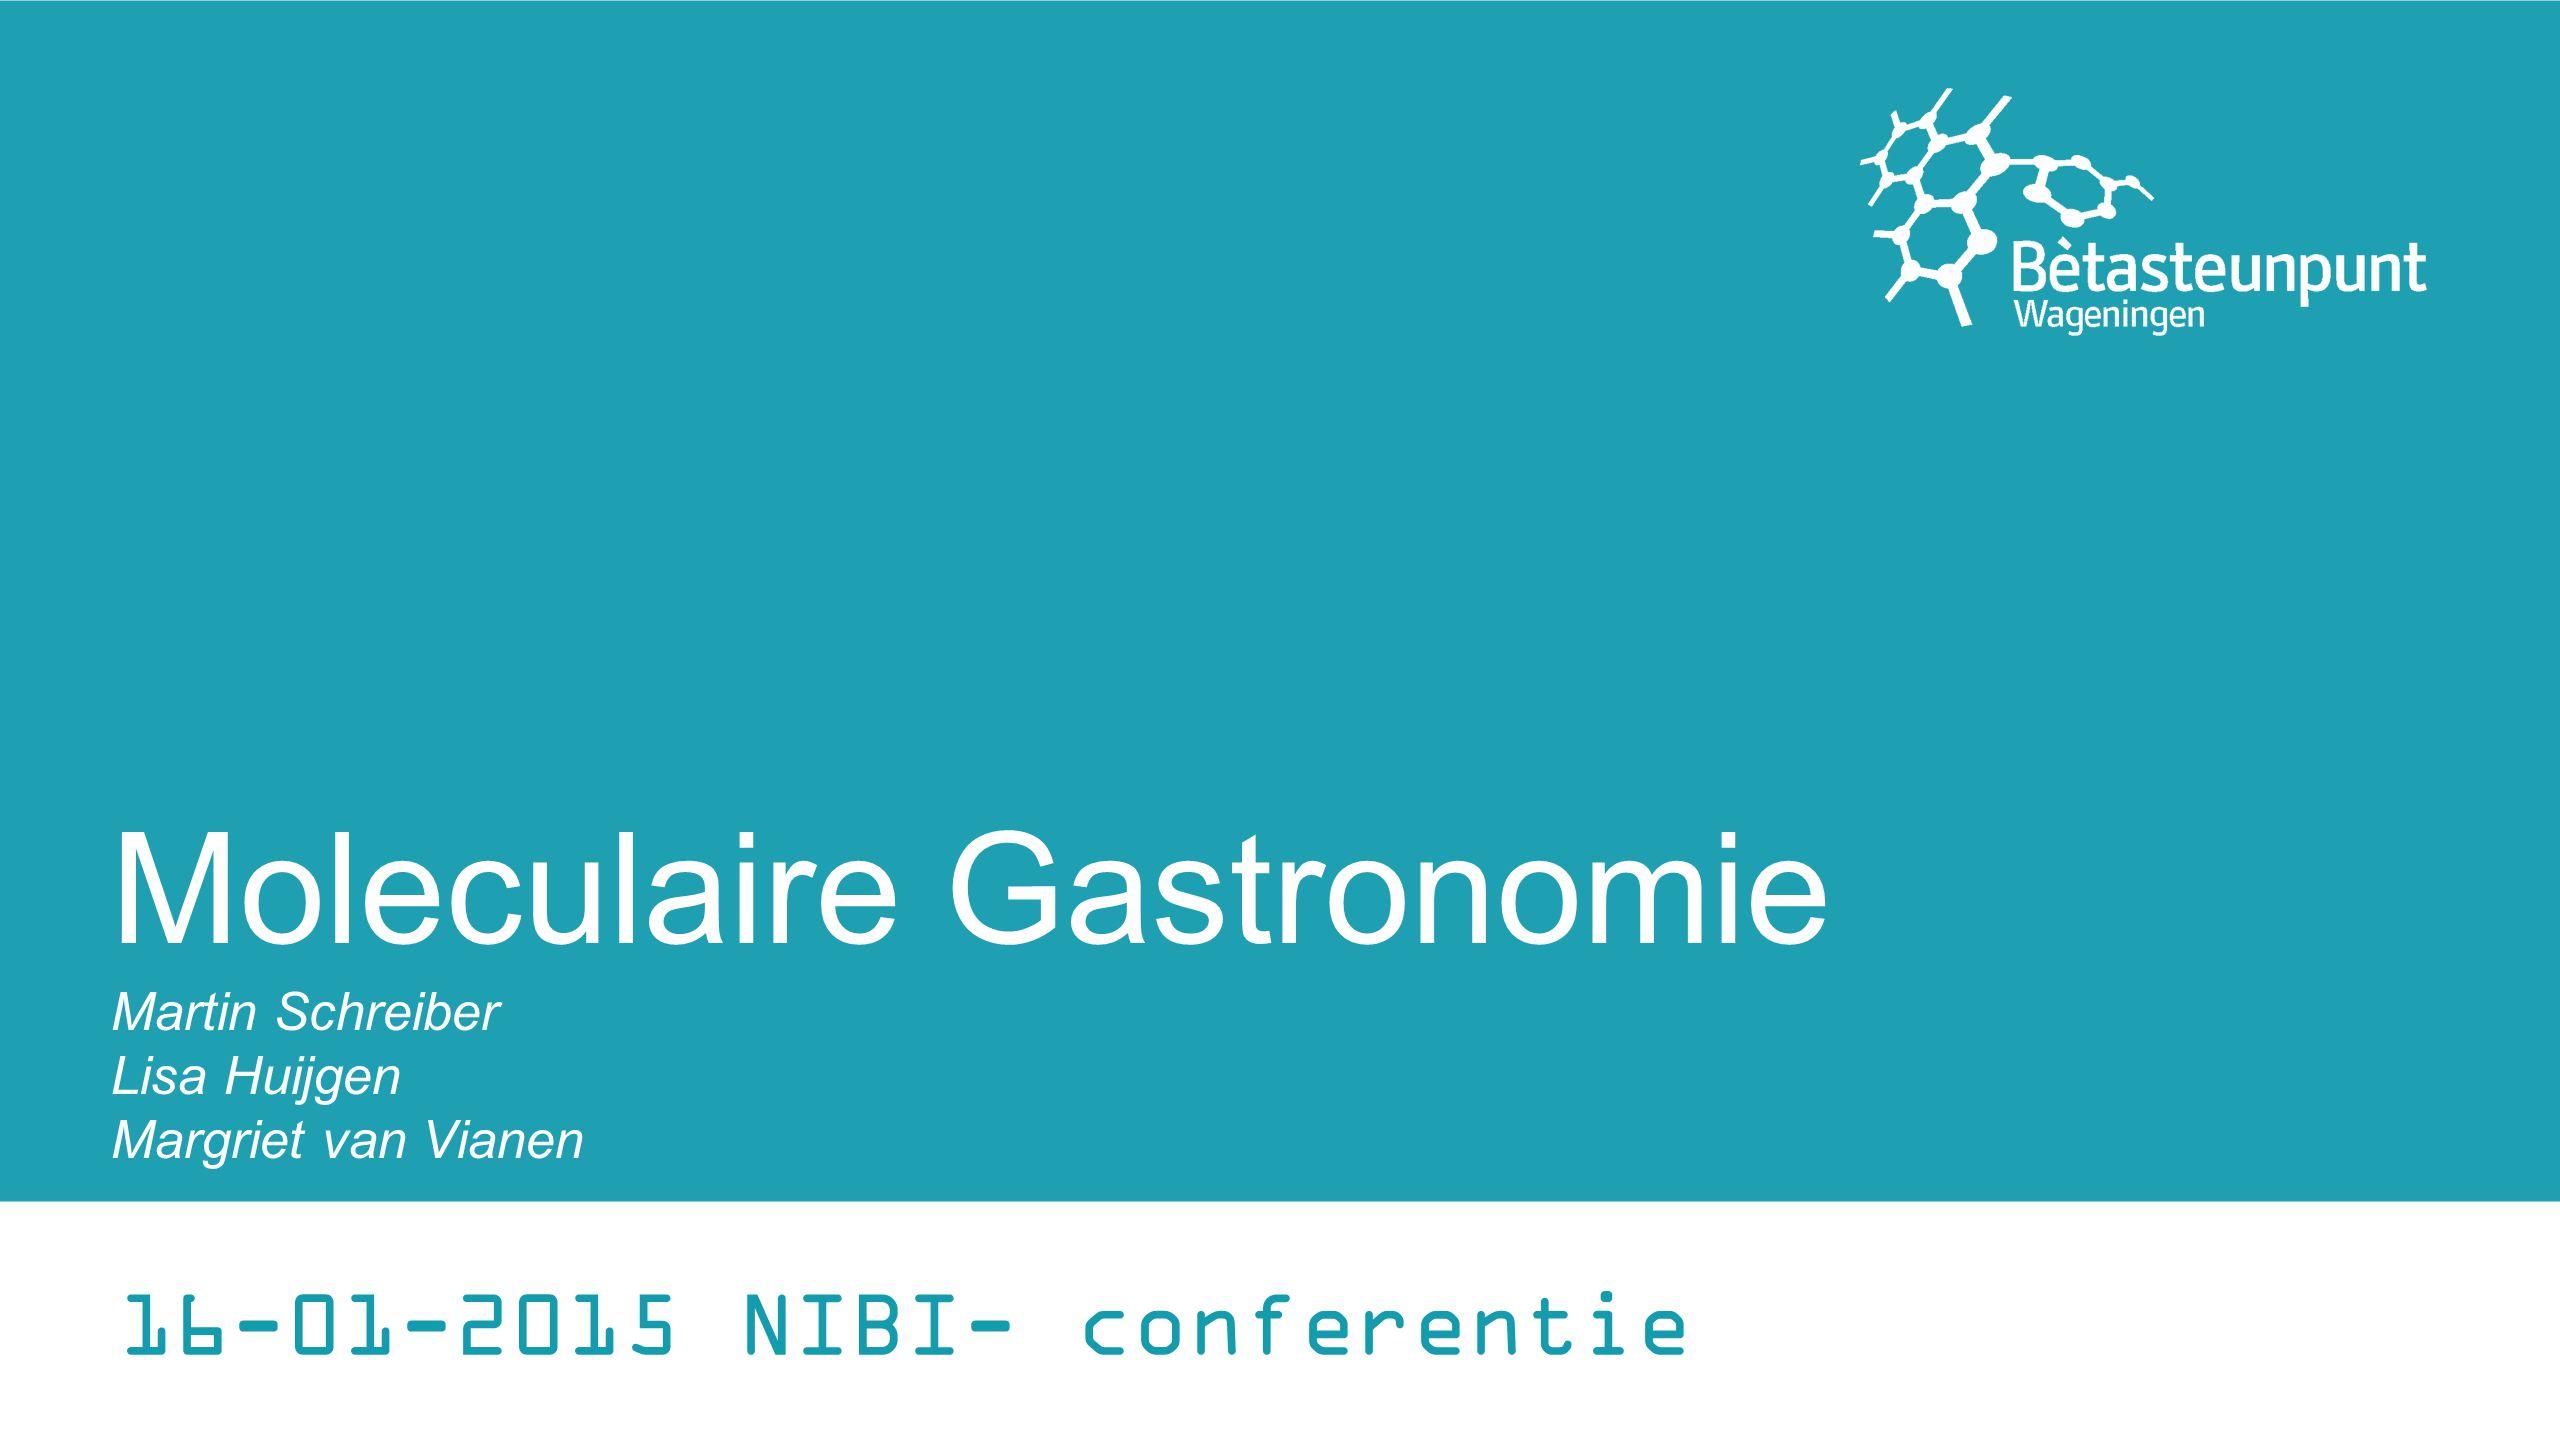 Moleculaire Gastronomie Martin Schreiber Lisa Huijgen Margriet van Vianen 16-01-2015 NIBI- conferentie